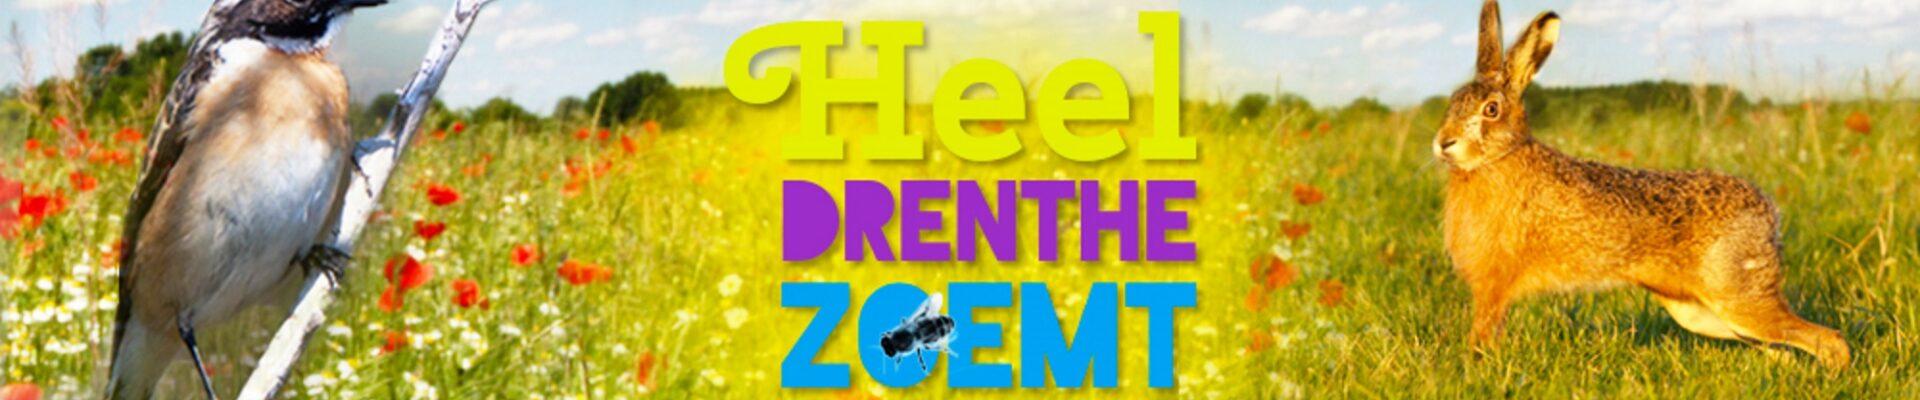 Project Bermscouts! Drenthe